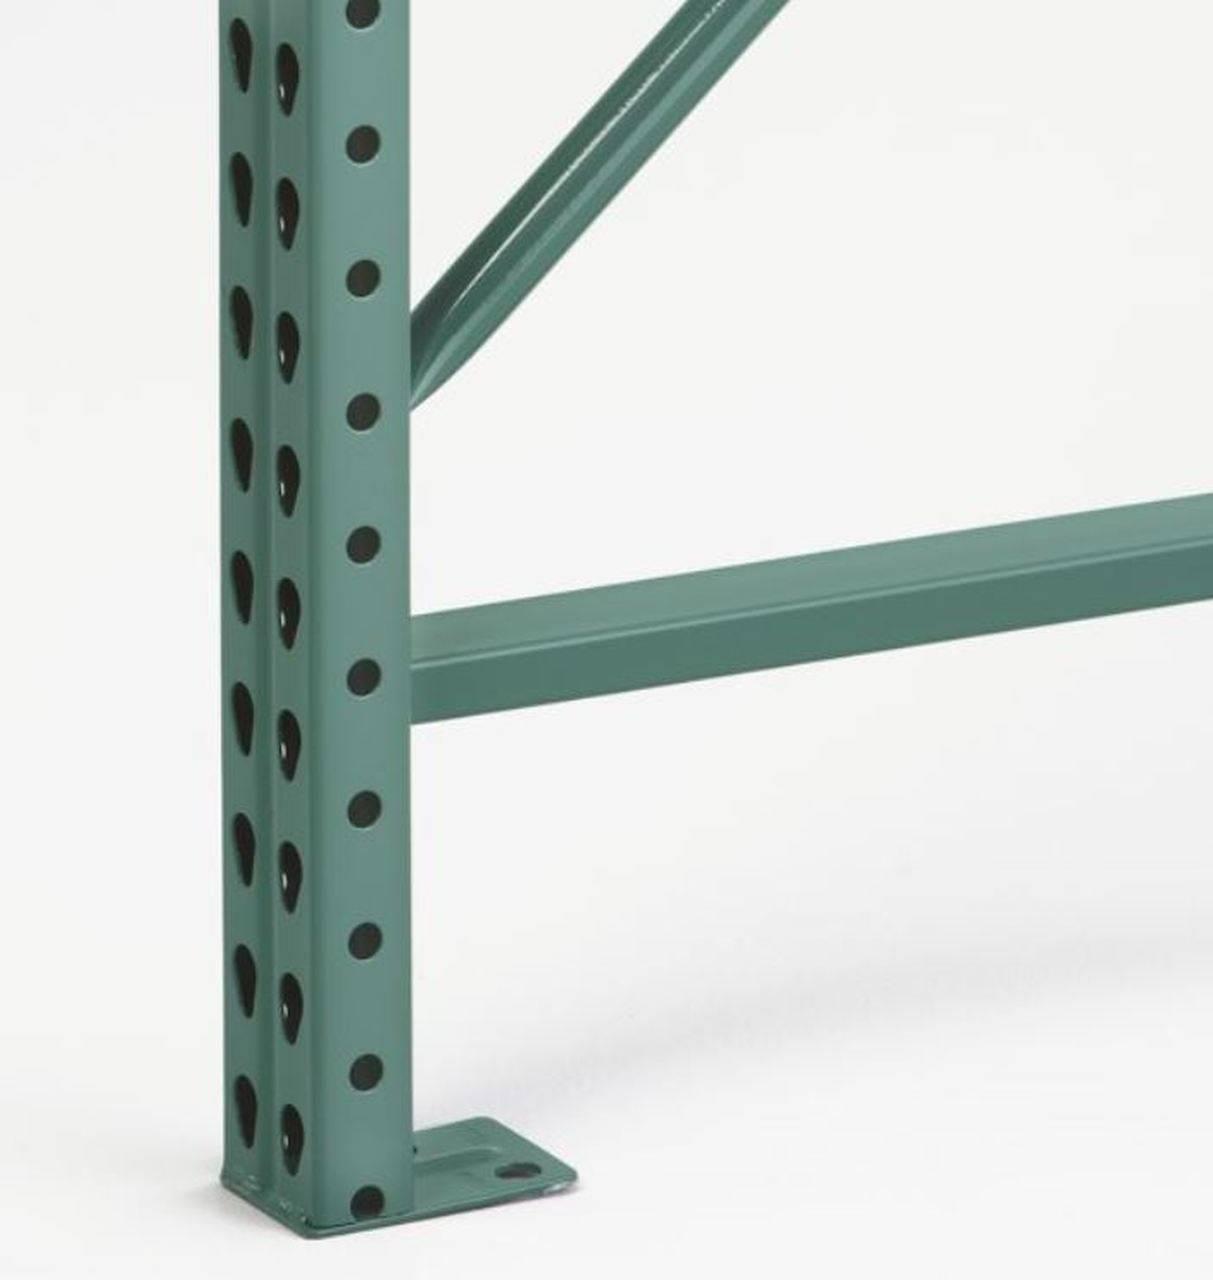 storage racks or pallet rack steel king uprights